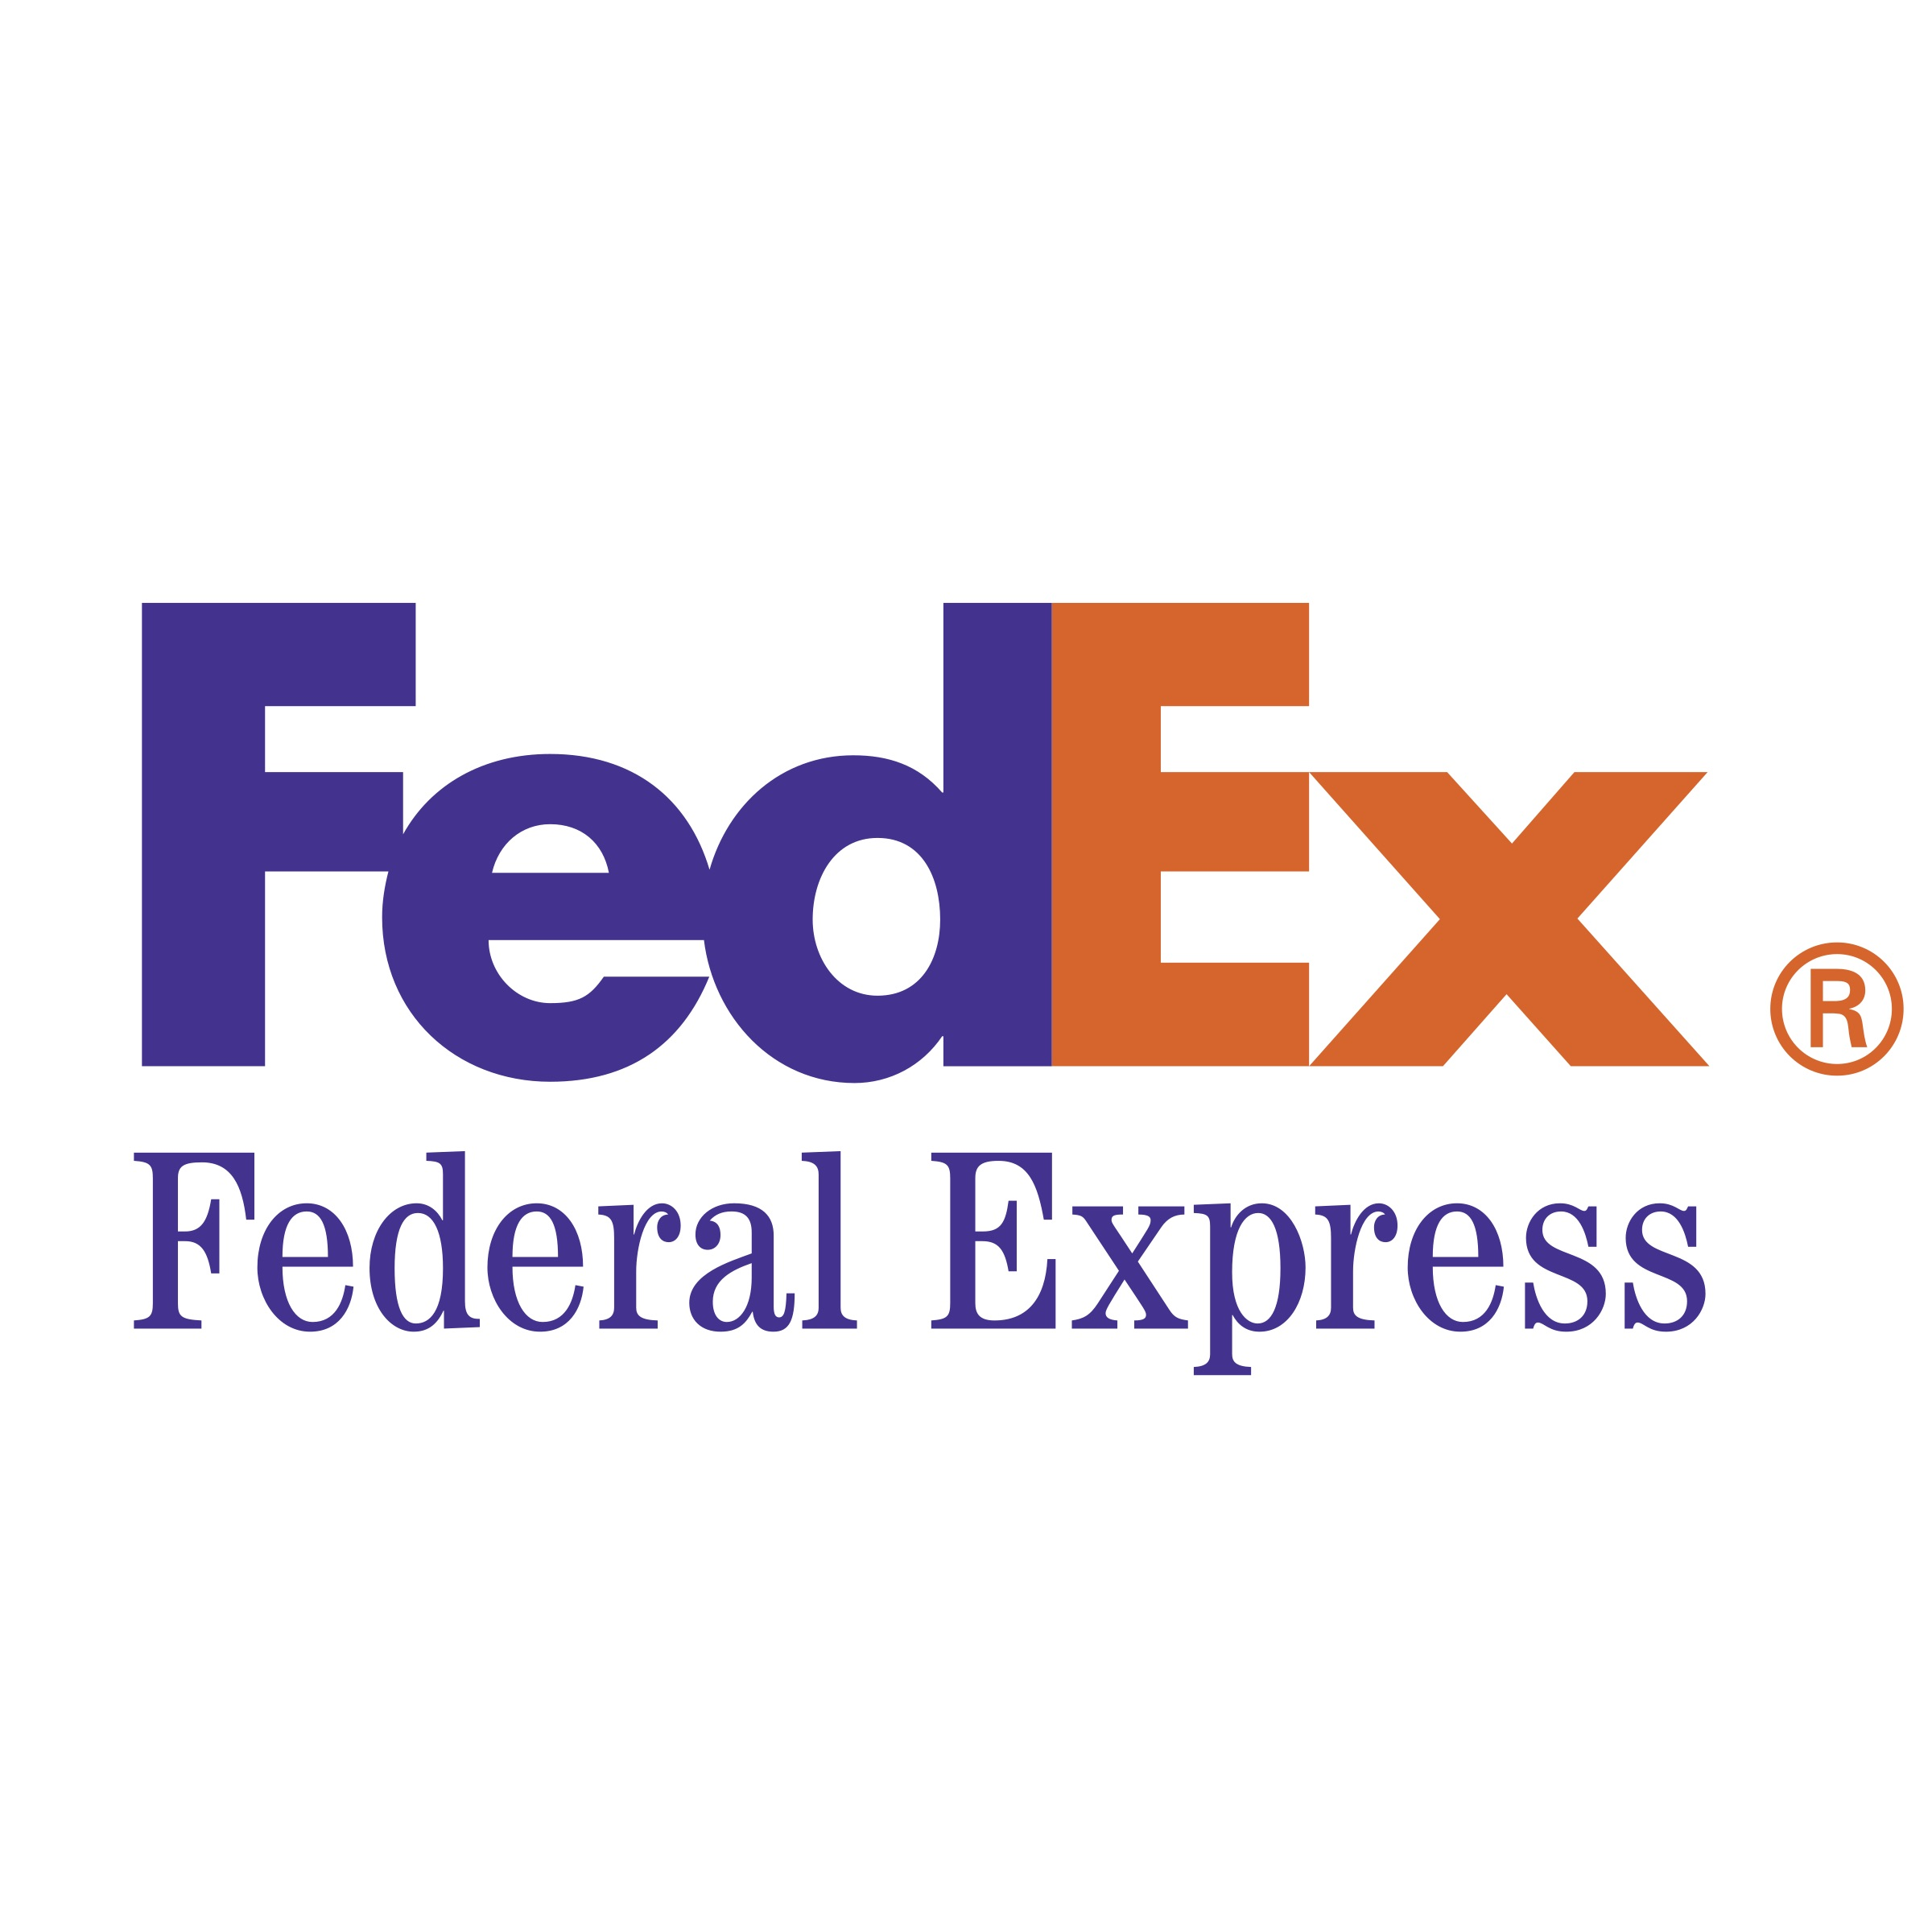 A simple vista el logo de Federal Express pareciera ser solamente al acrónimo de sus palabras FedEx, pero oculta una forma entre dos de sus letras.